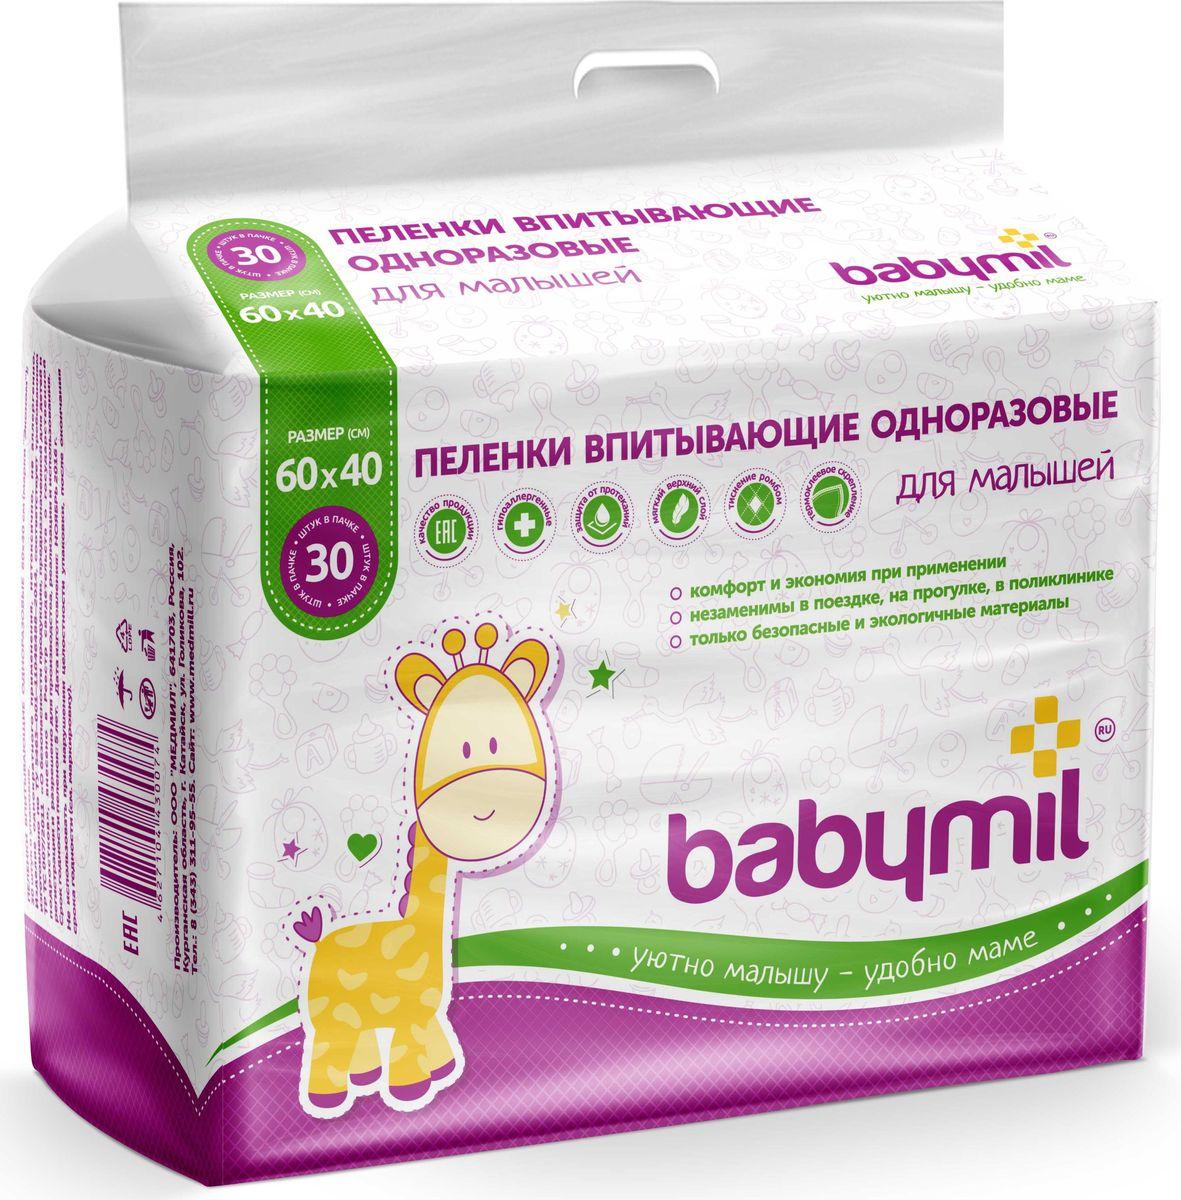 BabyMil Пеленки одноразовые впитывающие Эконом 60 х 40 см 30 шт